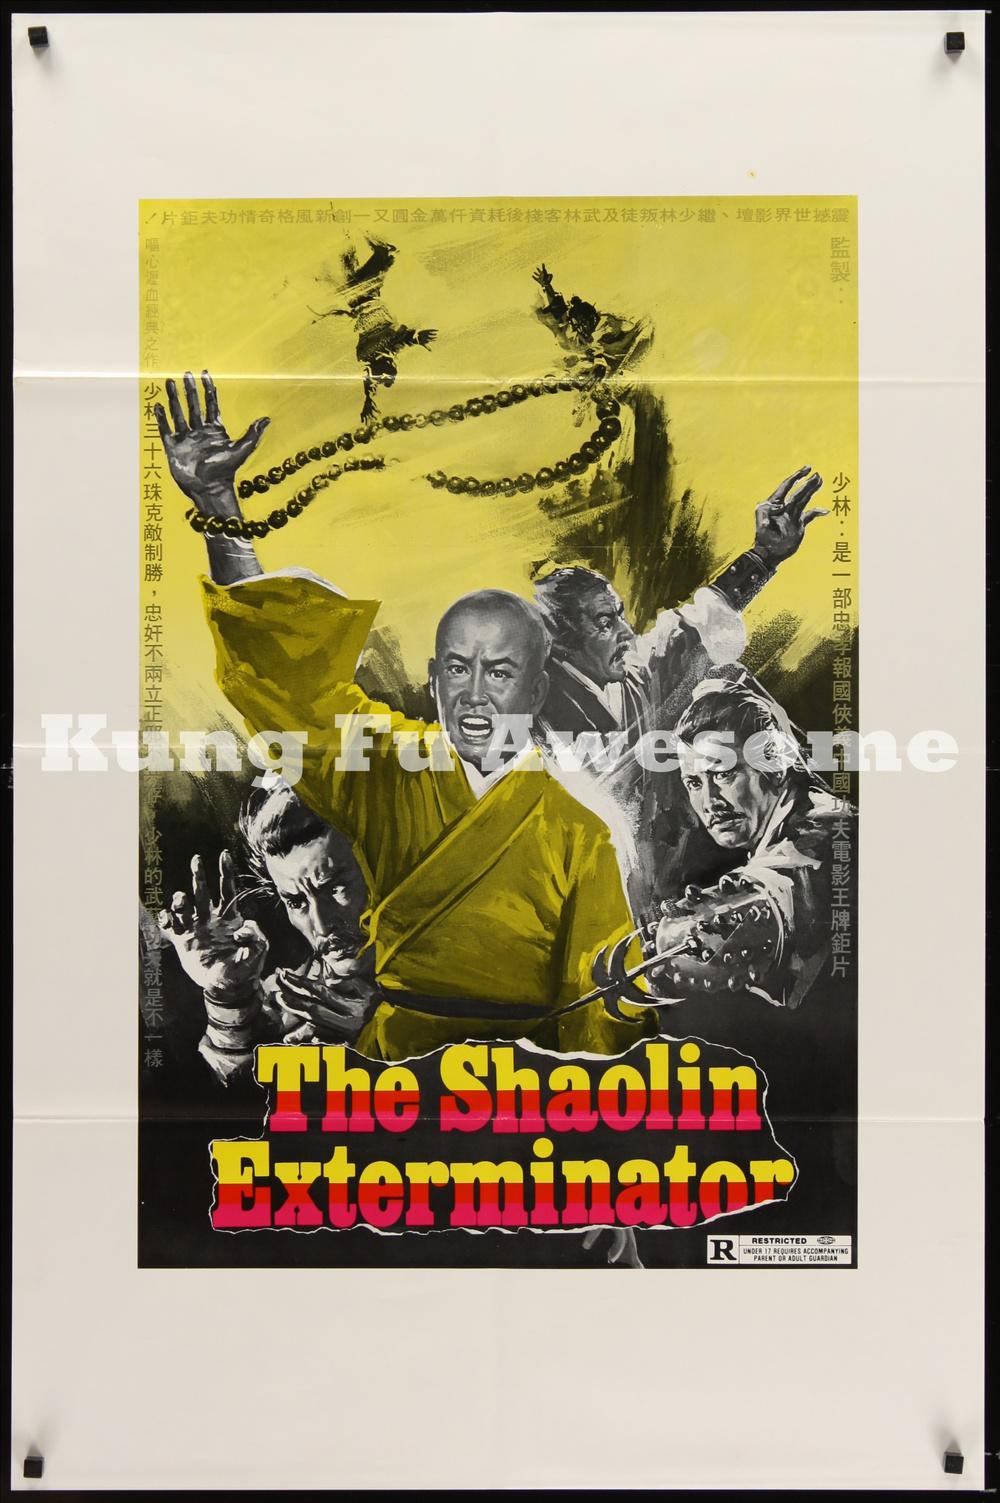 shaolin_exterminator_teaser_NZ03181_L.jpg